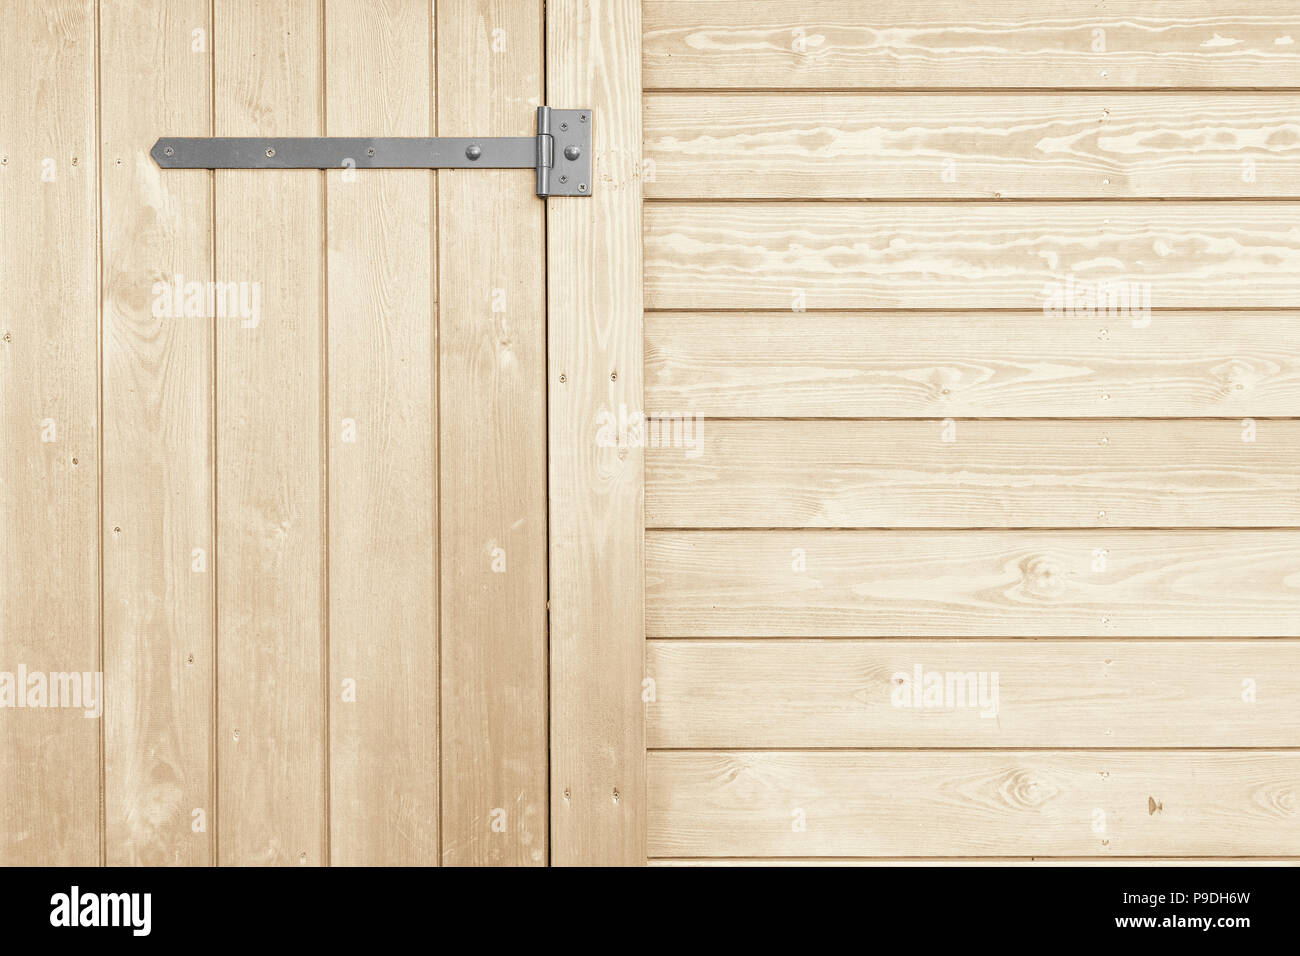 Cerniere Per Cancelli Di Legno : Le linee verticali e orizzontali di tavole di legno con ferro